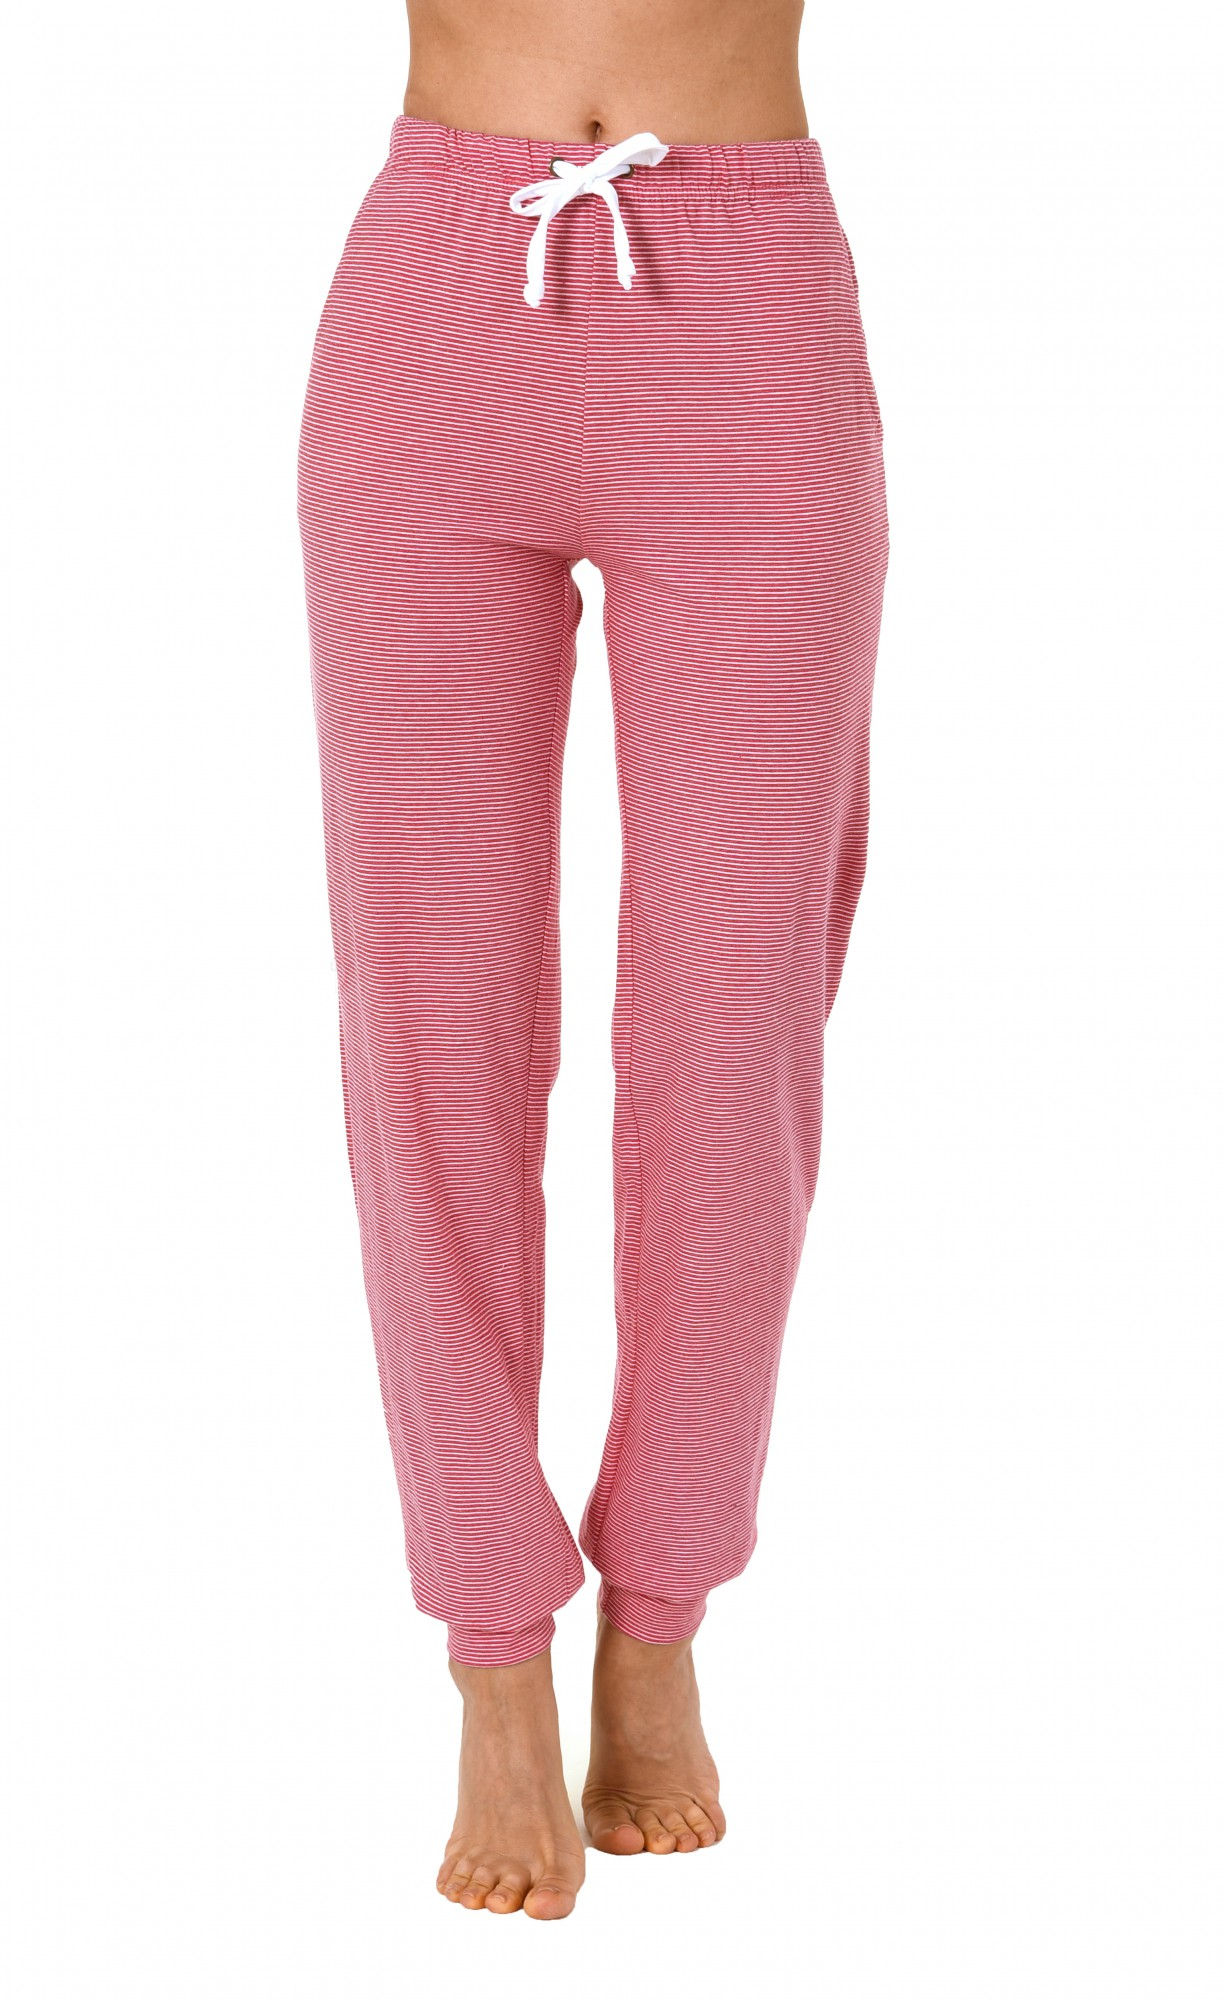 903 Zum 222 Pyjama Hose Mixamp; Gestreift Match Damen Lang Ideal – Kombinieren 90 8n0wPOkX